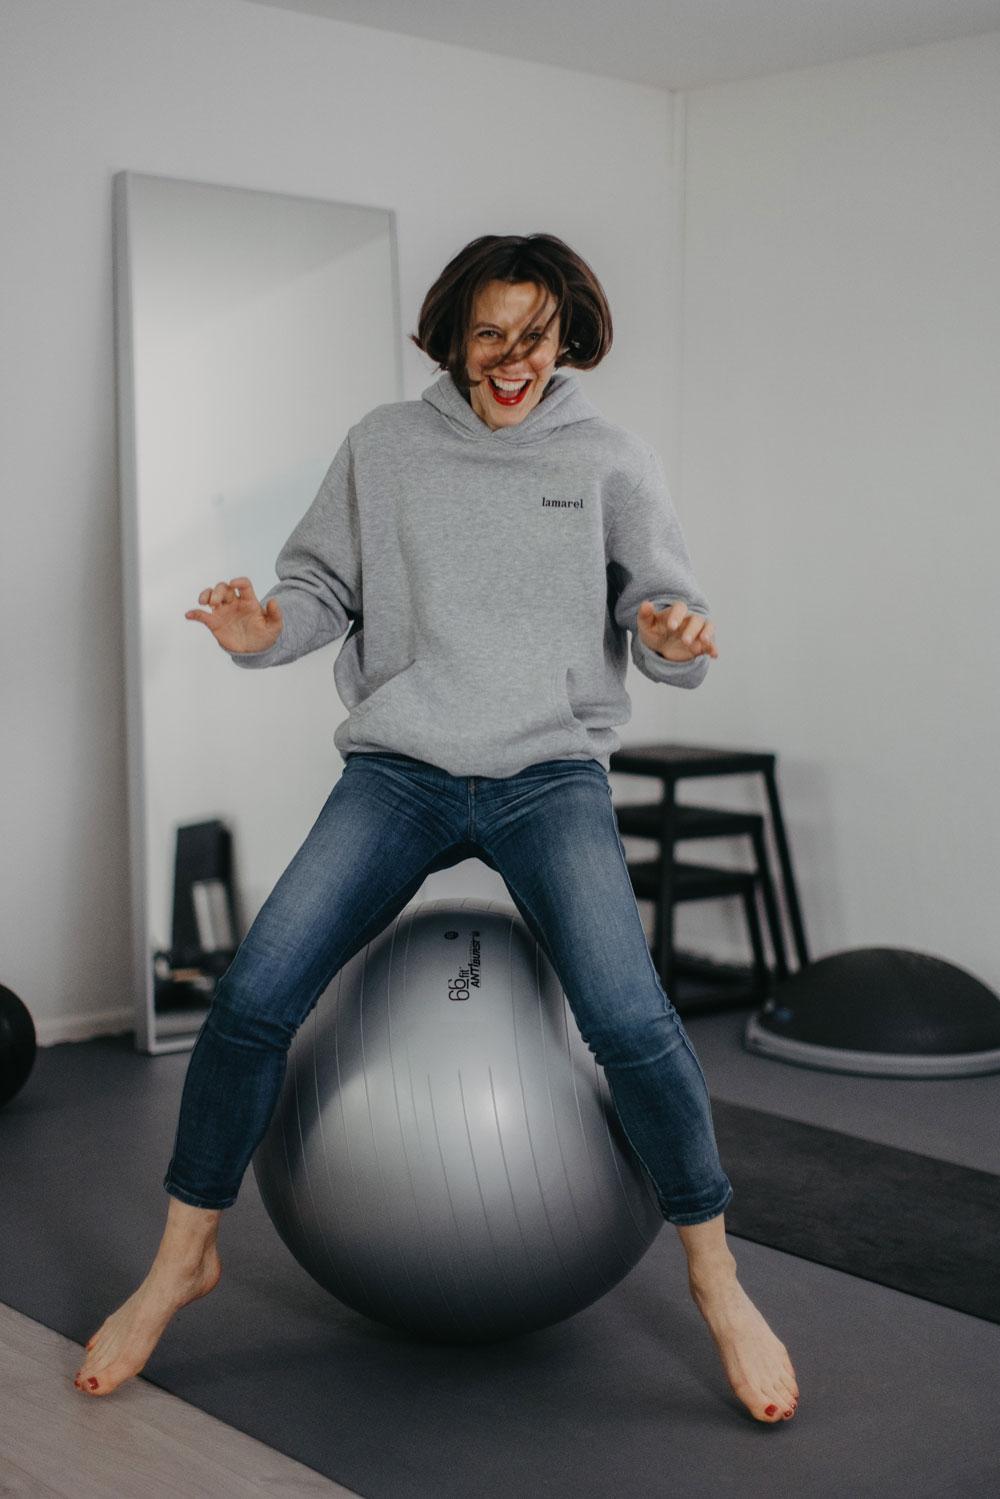 In der exklusiven Serie sonrisa x HIRANOTRAINING gibt es von Sportwissenschaftler und Mental Coach Julien Hirano einfache Tipps für die geistige und körperliche Fitness – heute mit fünf Mentalübungen für mehr Fokus.